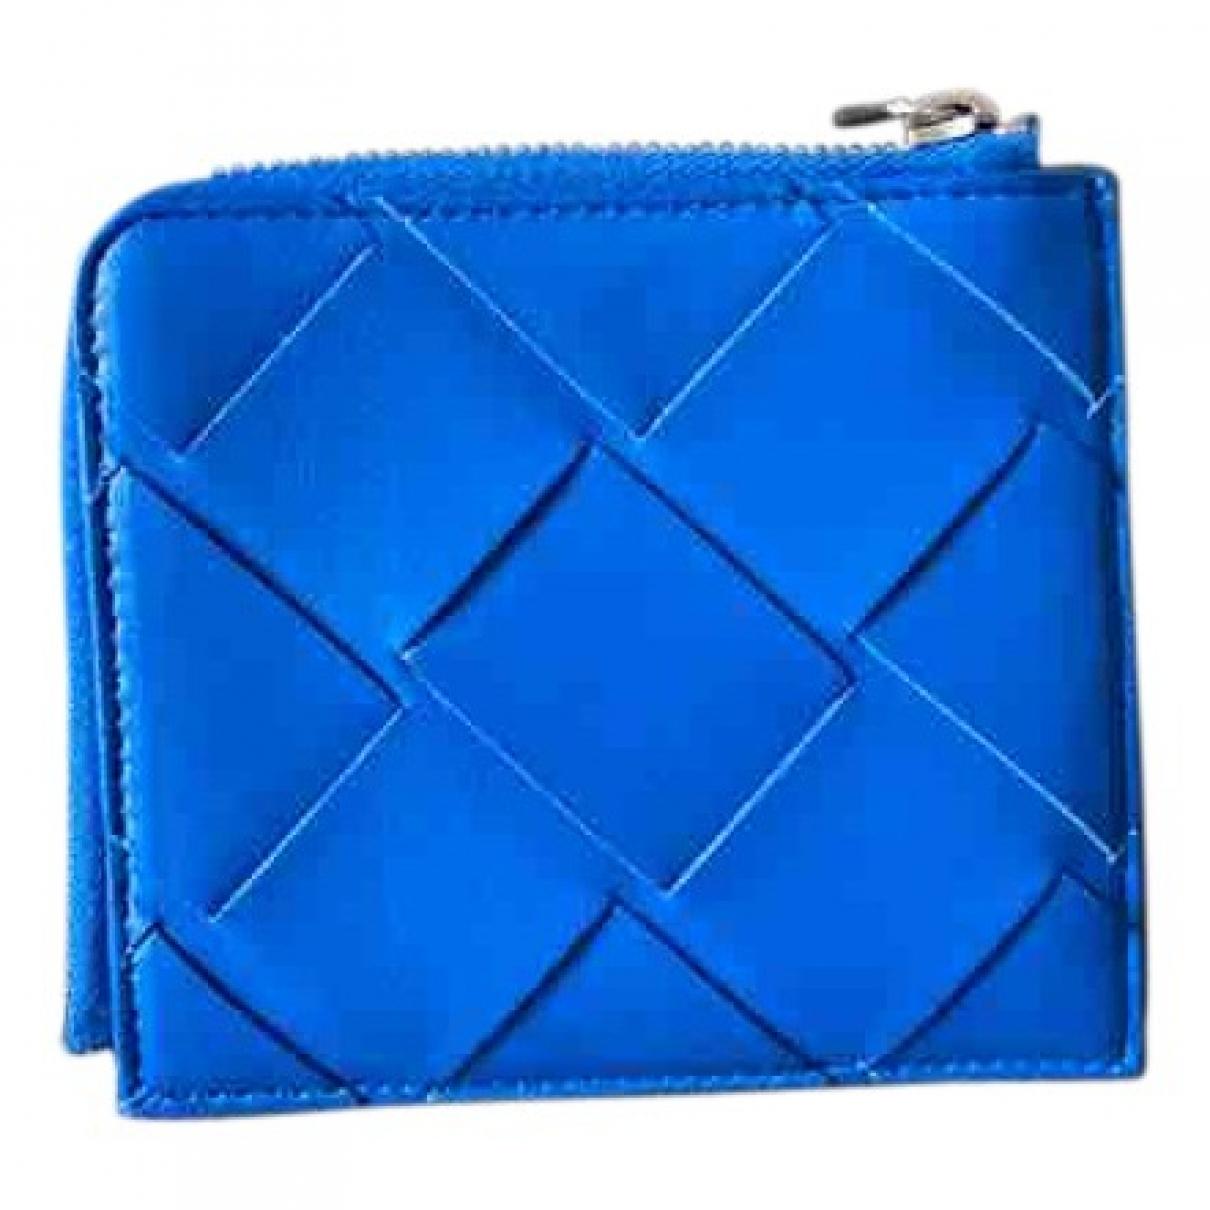 Bottega Veneta Intrecciato Kleinlederwaren in  Blau Leder